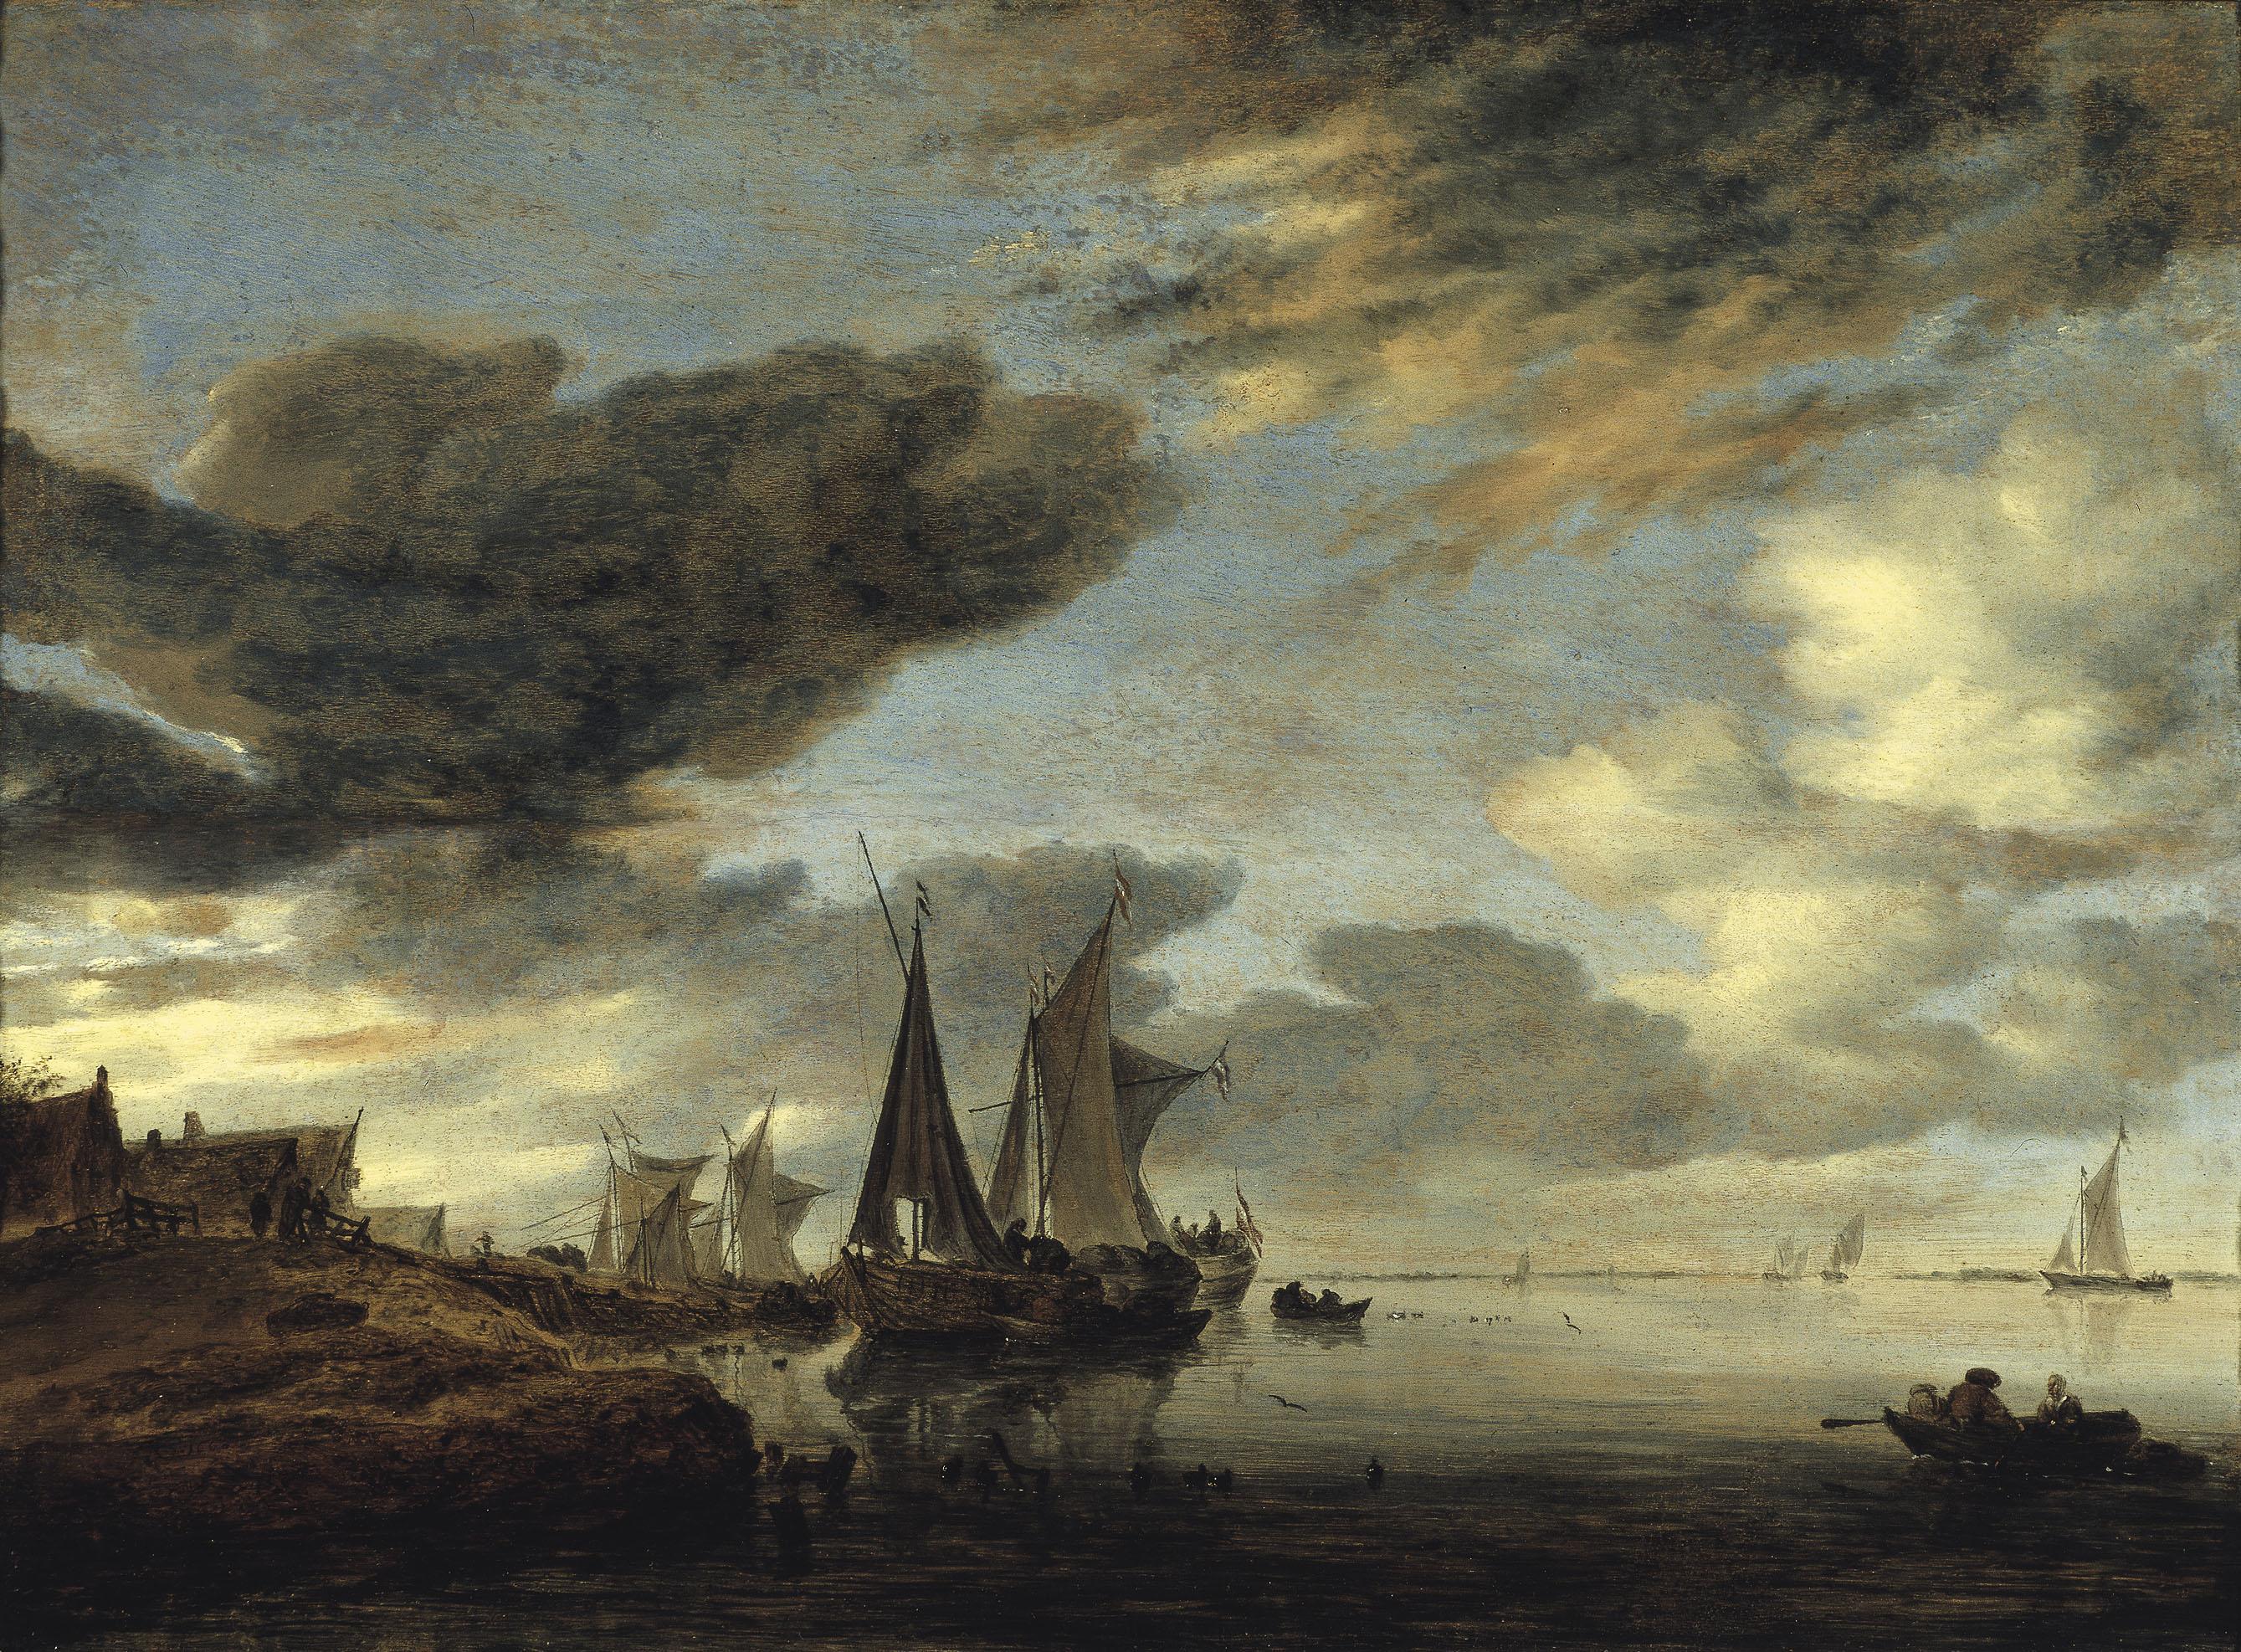 Salomon Jacobsz van Ruysdael - Velers al costat d'un poblet - 1660